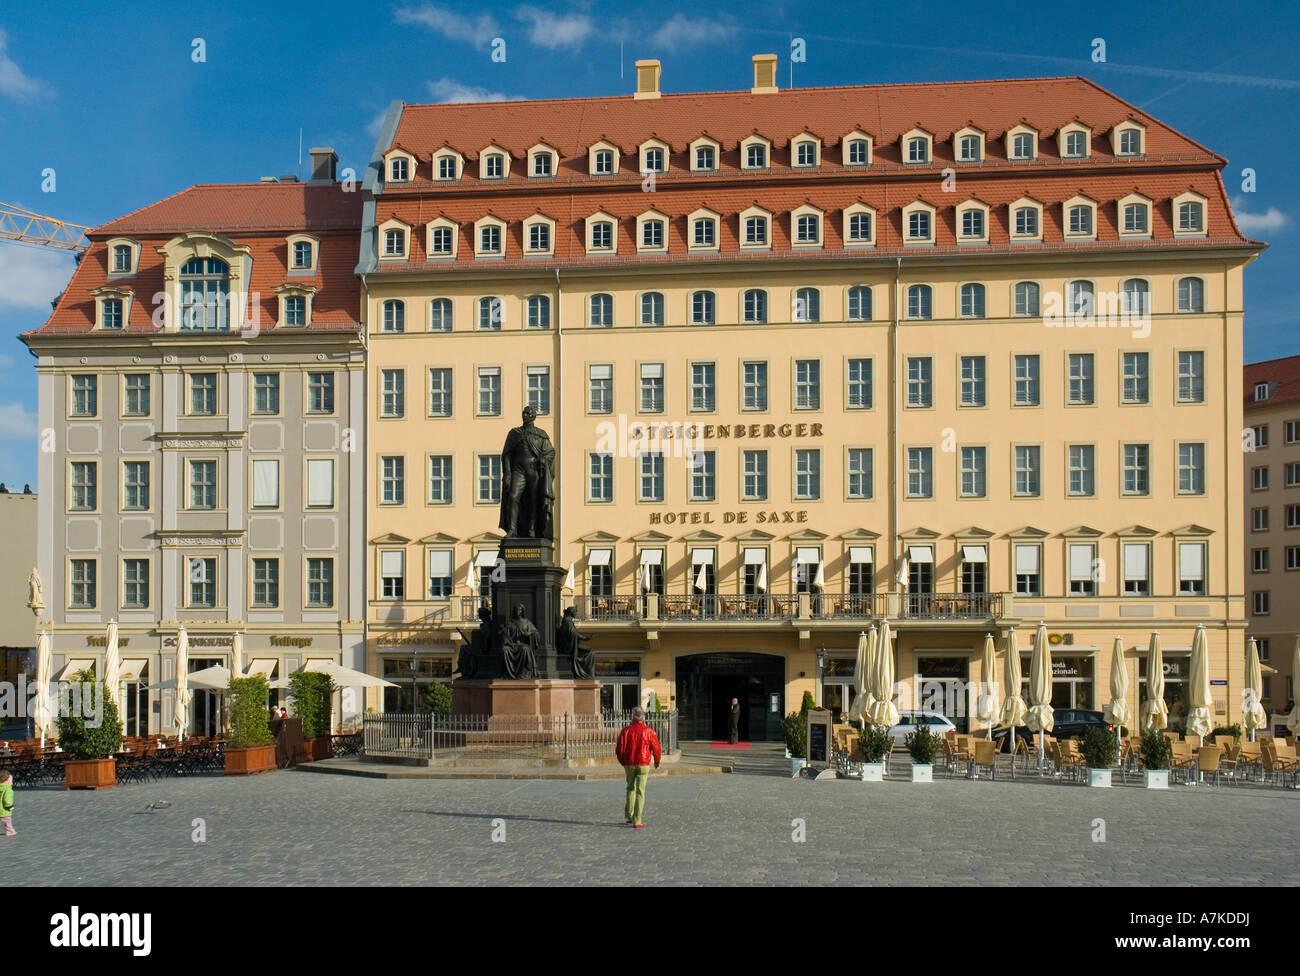 Steigenberger Hotel De Saxe Neumarkt Dresden